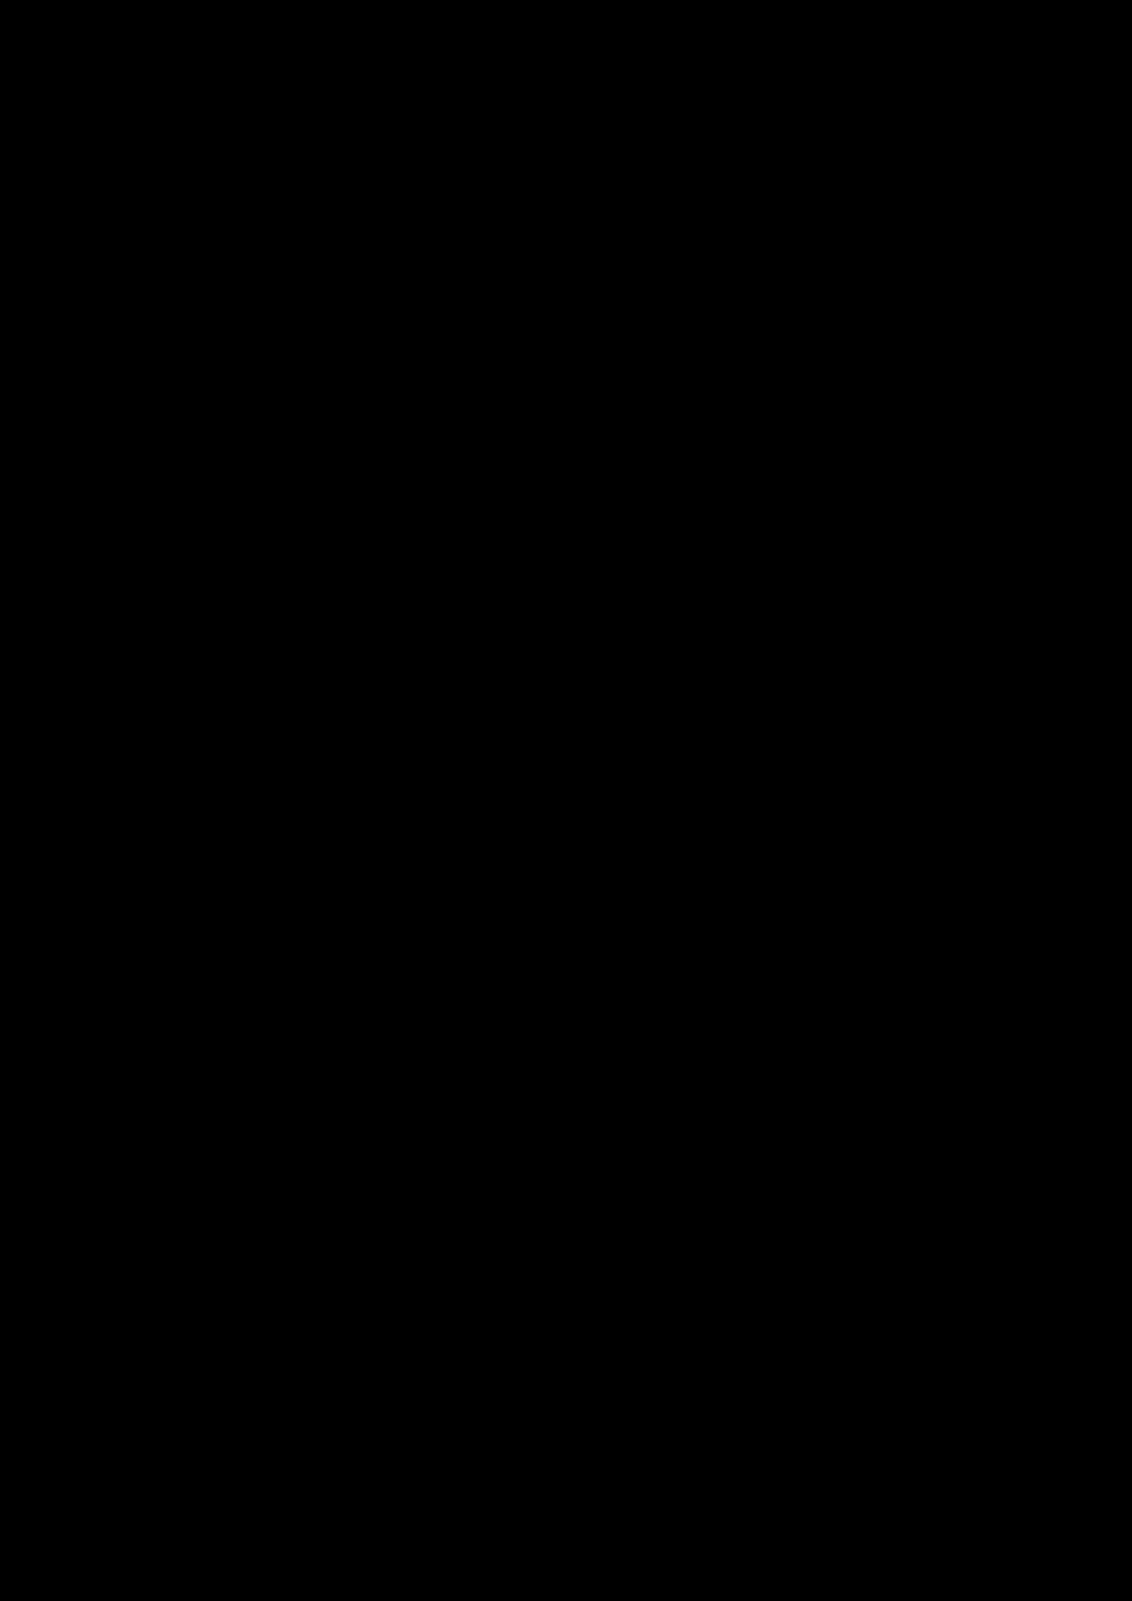 Osobyiy Rezon slide, Image 14